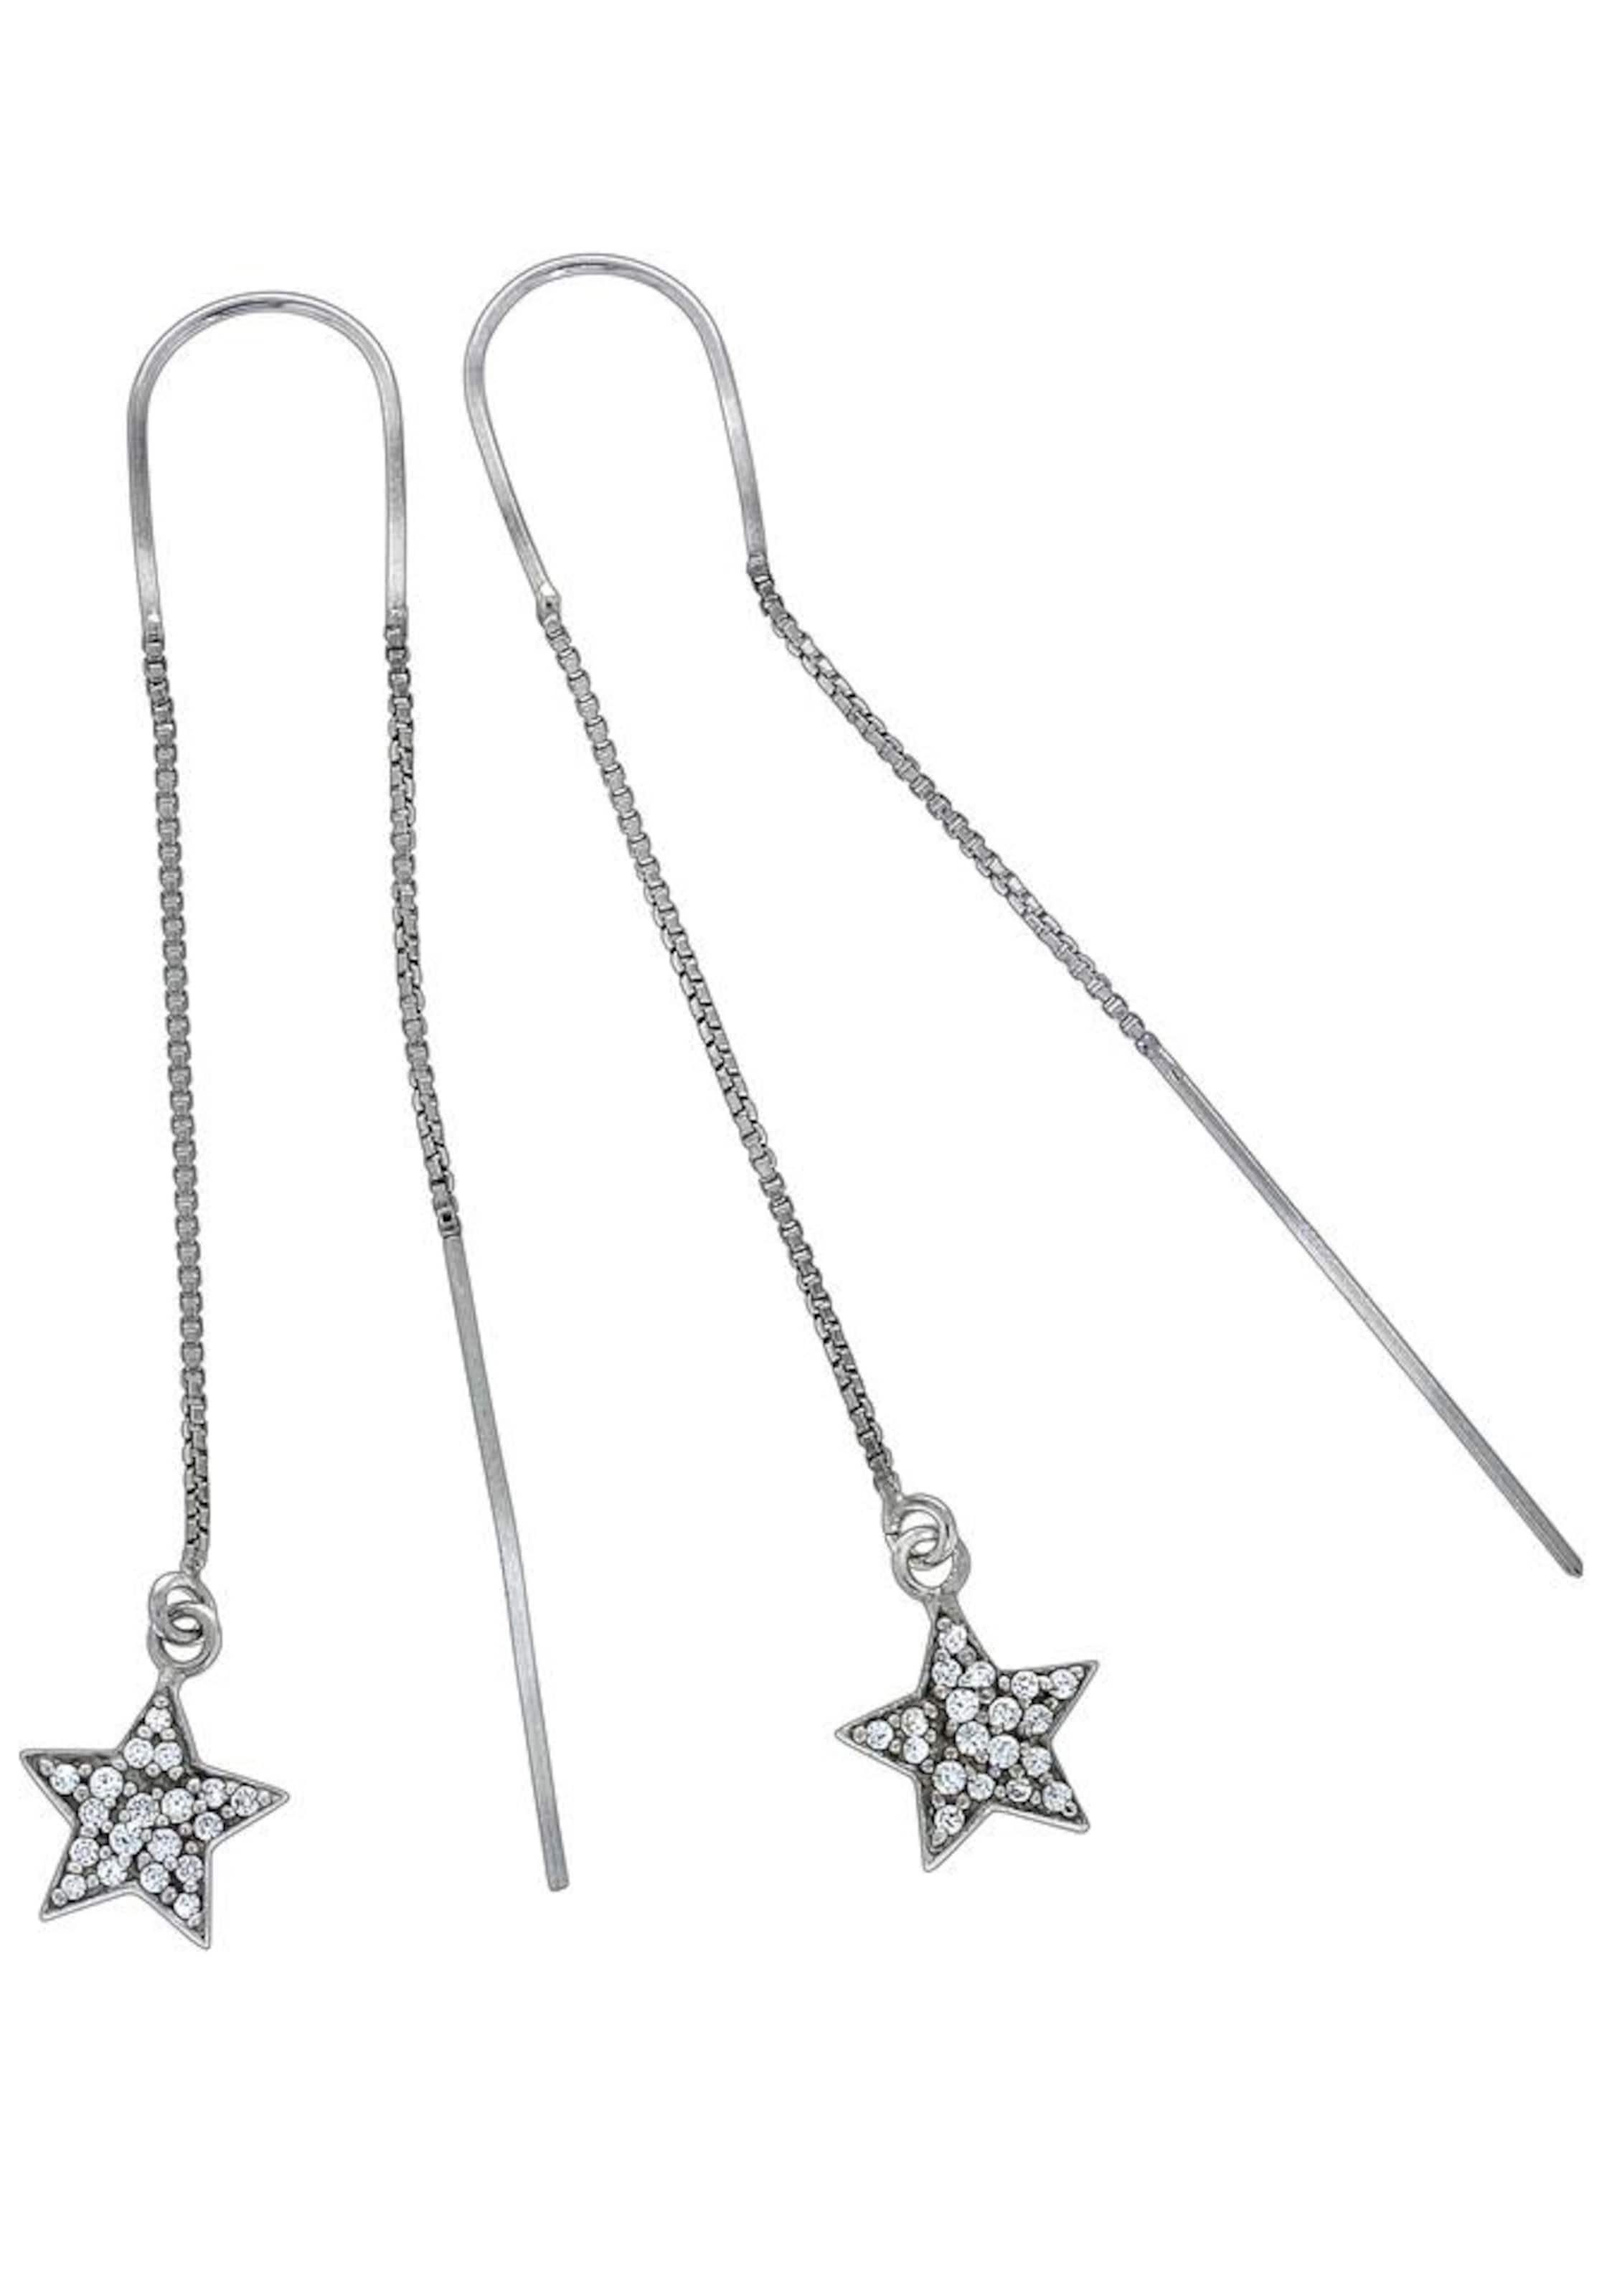 Shop-Angebot Zum Verkauf FIRETTI Paar Ohrhänger 'Sterne' Mit Kreditkarte Freiem Verschiffen Verkaufskosten F1K58tQ